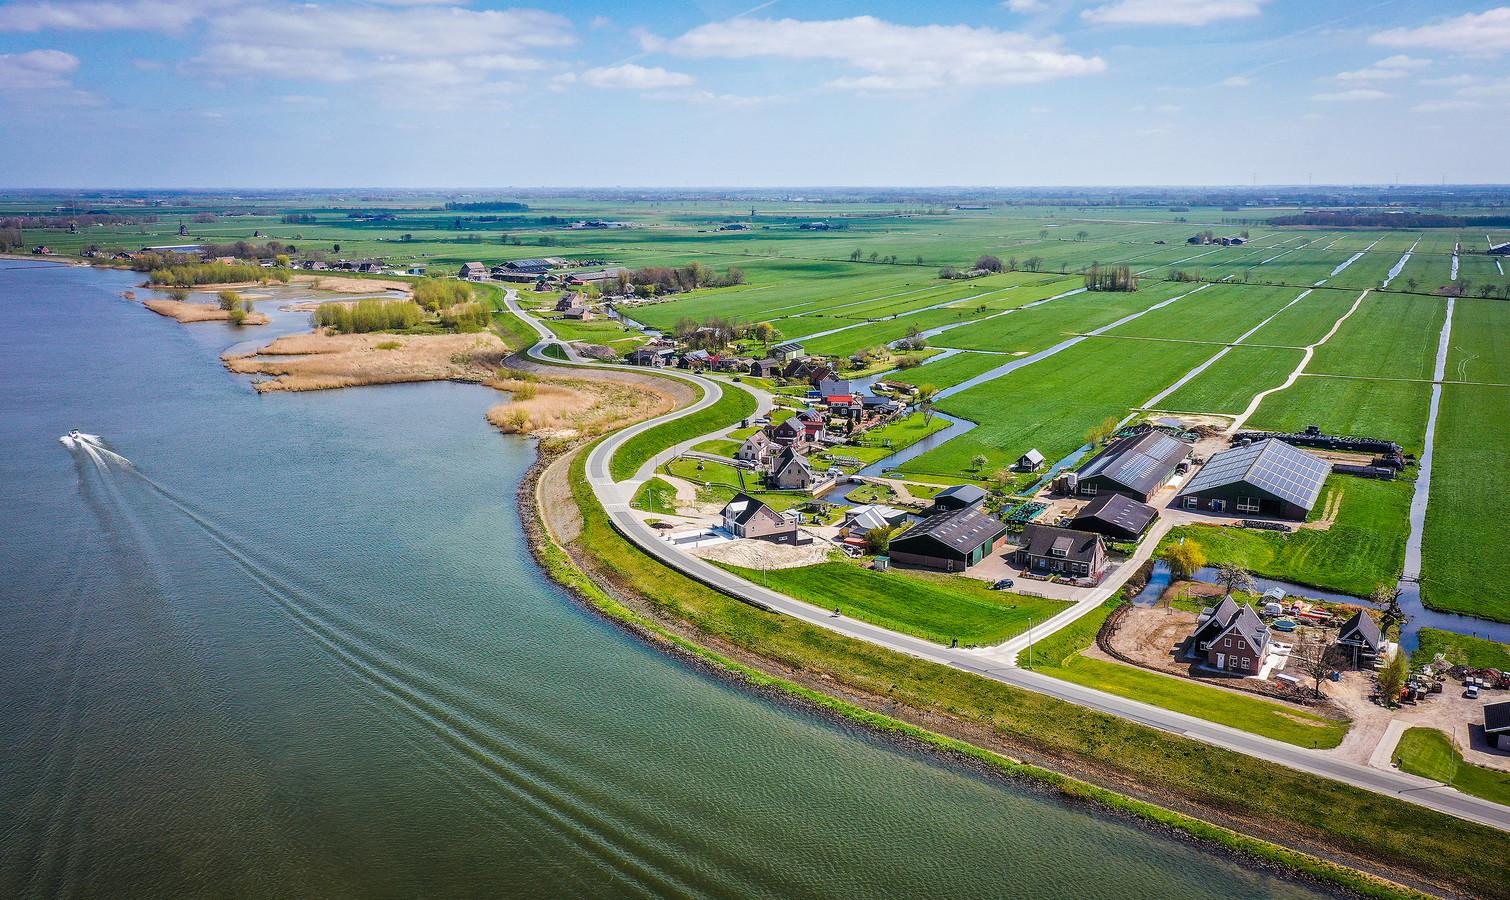 De Lekdijk bij Nieuw-Lekkerland gezien vanuit de lucht.